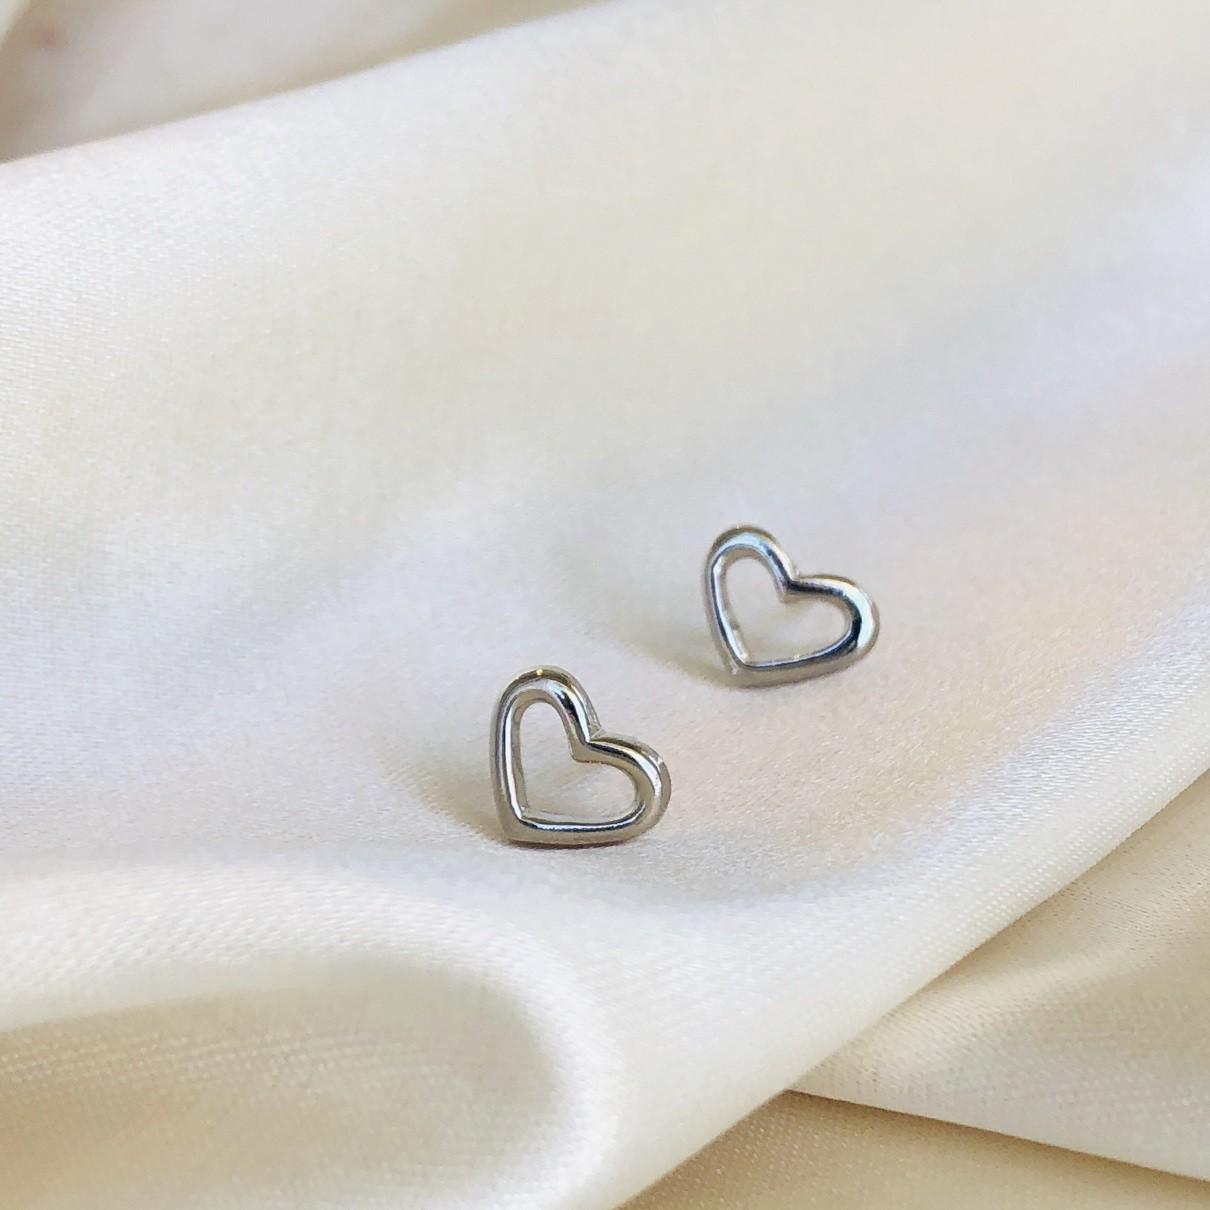 Brinquinho de Coração Vazado Banhado em Ródio Branco